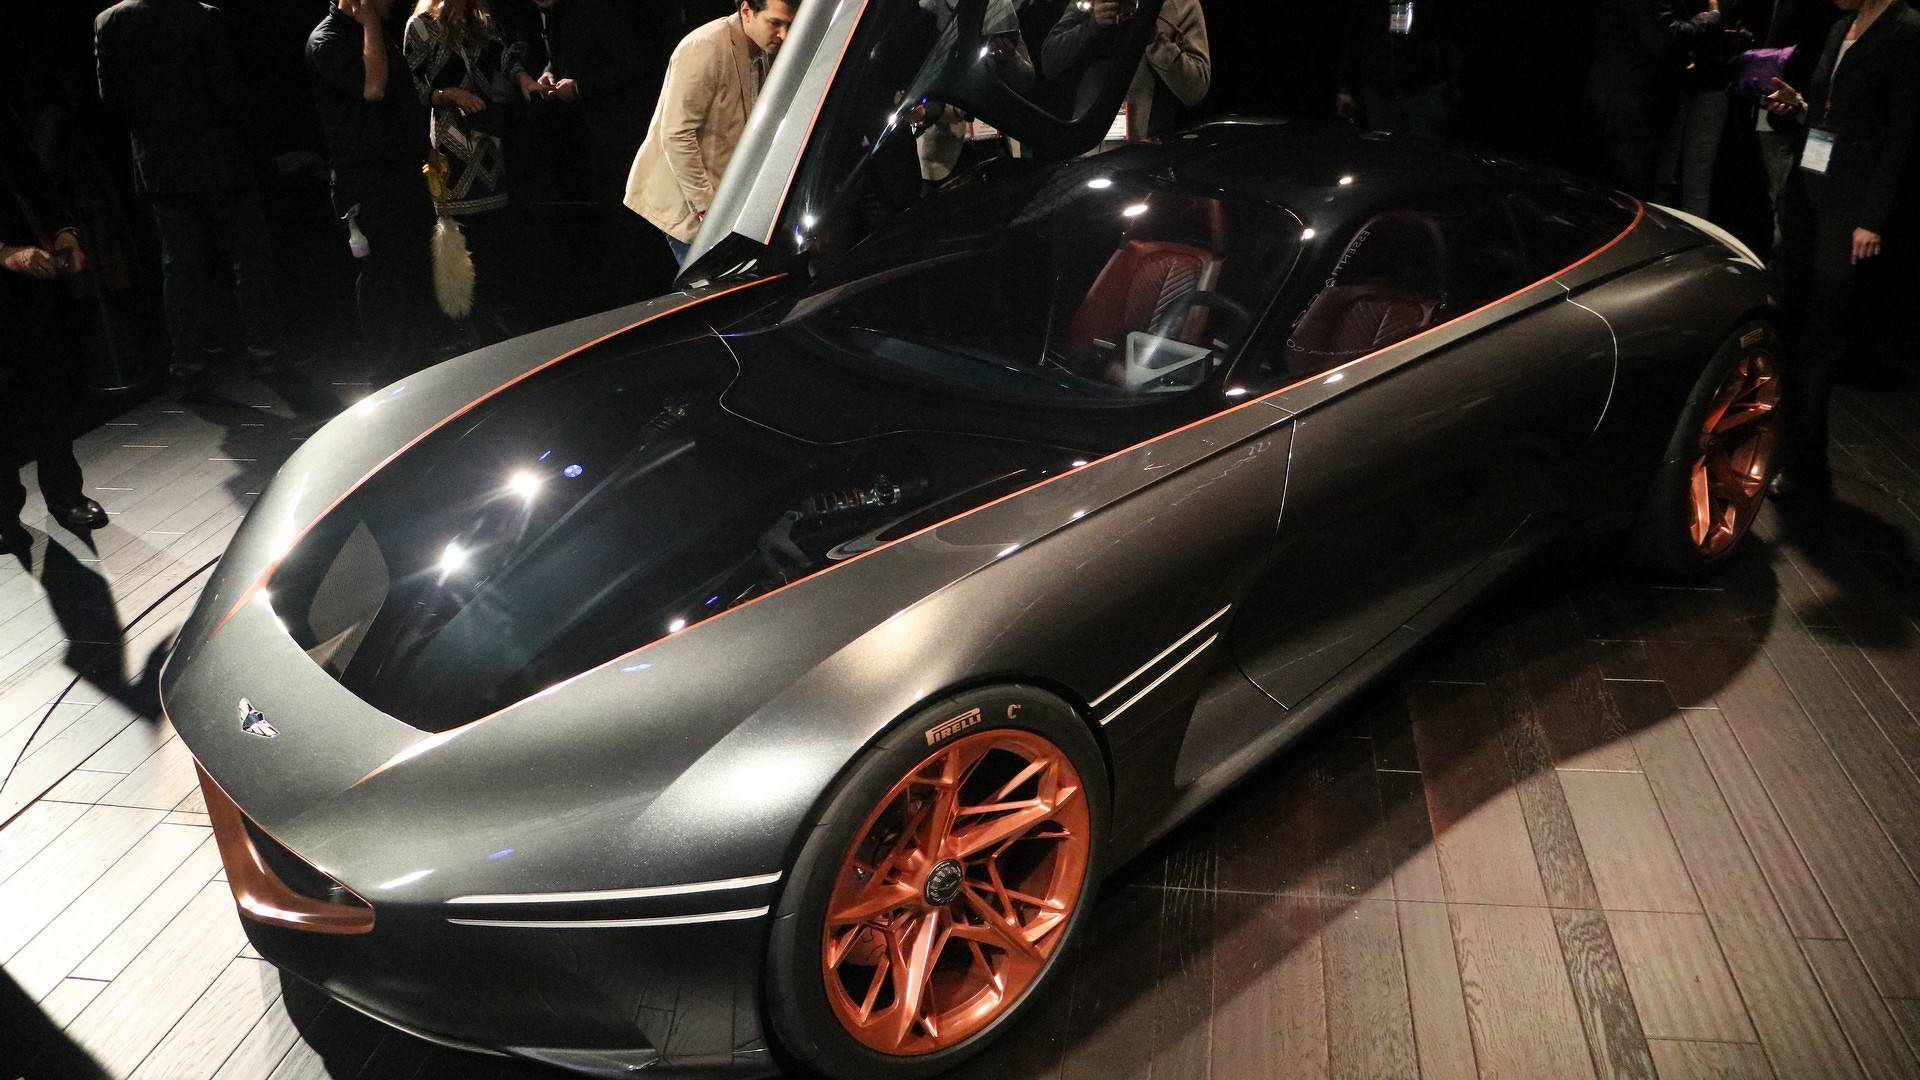 捷恩斯Essentia将限量生产 为品牌最贵车型